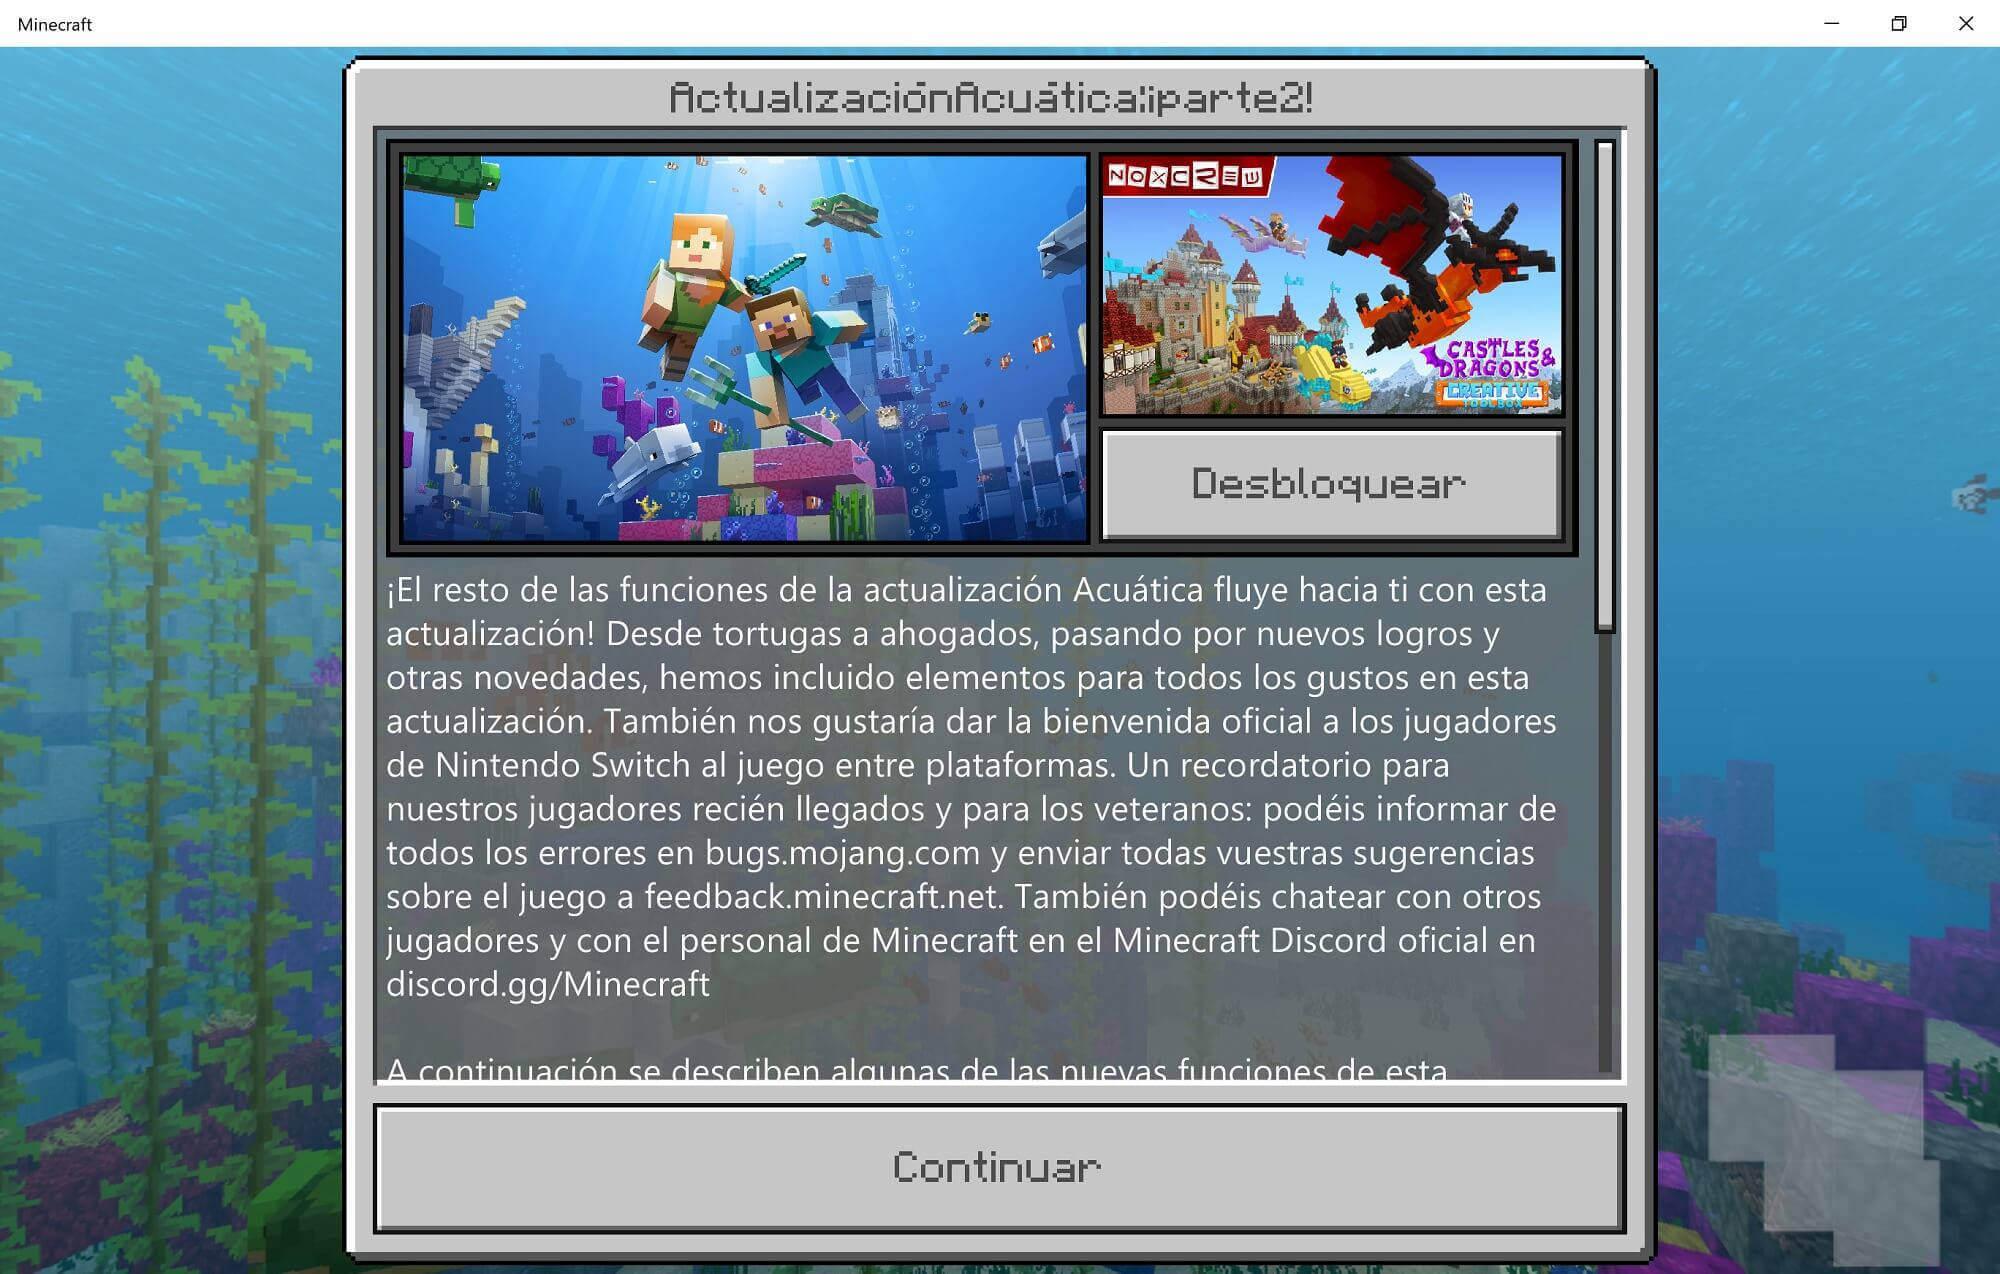 La Segunda Parte De La Actualización Acuática De Minecraft Ya Está Disponible Móvil Experto